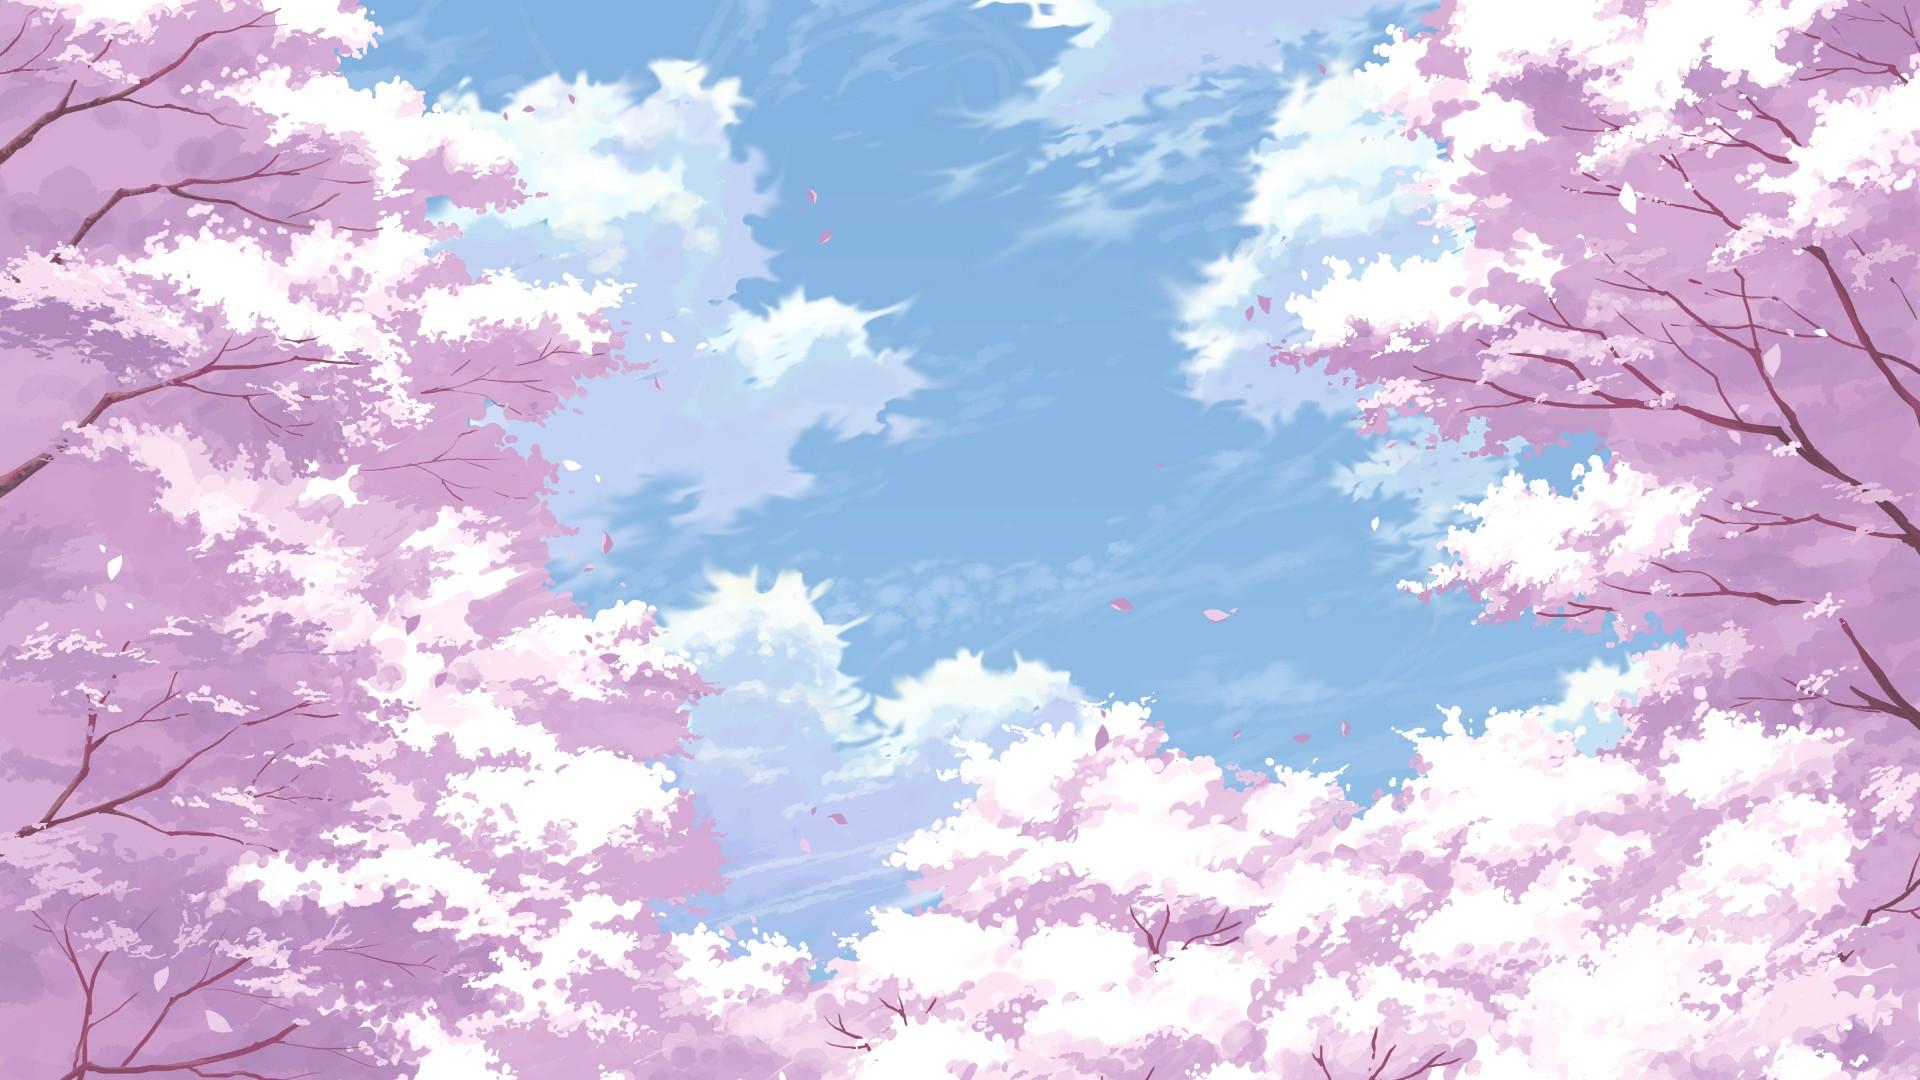 wallpaper rose hd gratuit à télécharger sur ngn mag